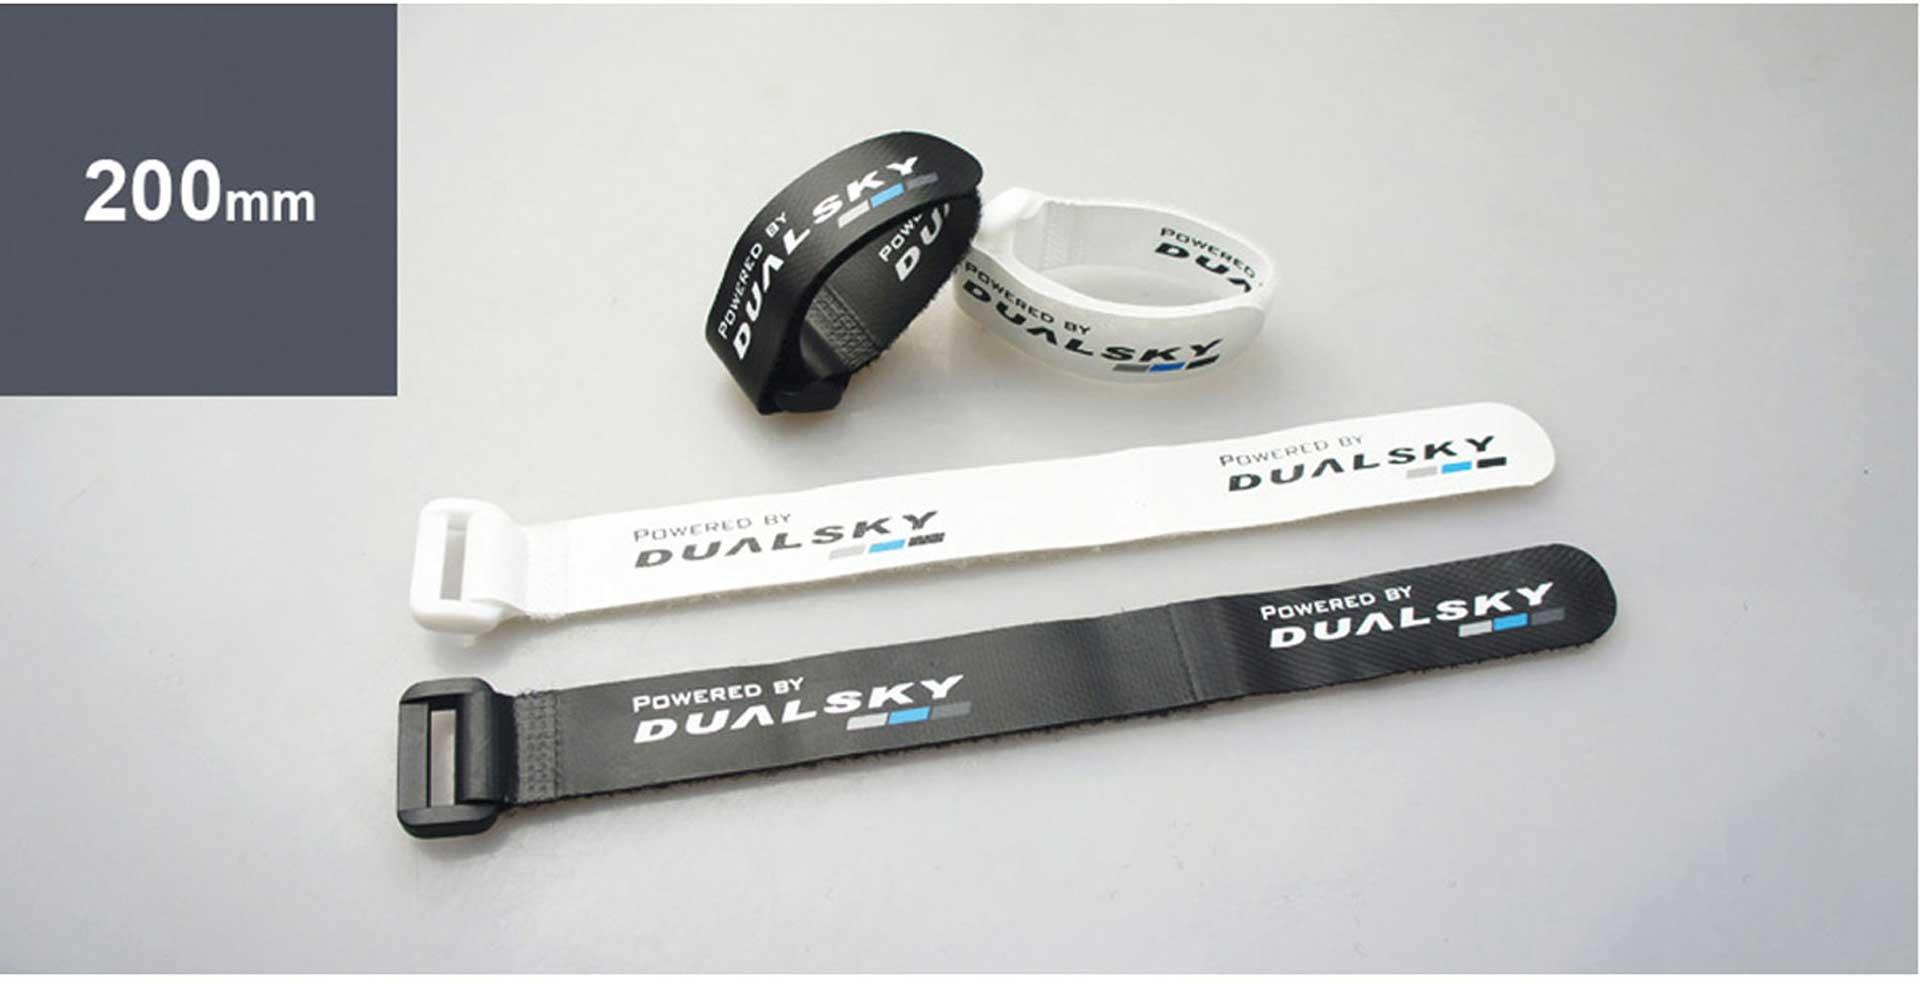 DUALSKY BATTERY FASTENER V2 200MM BATTERY VELCRO 2PCS. WHITE, 2STK. BLACK